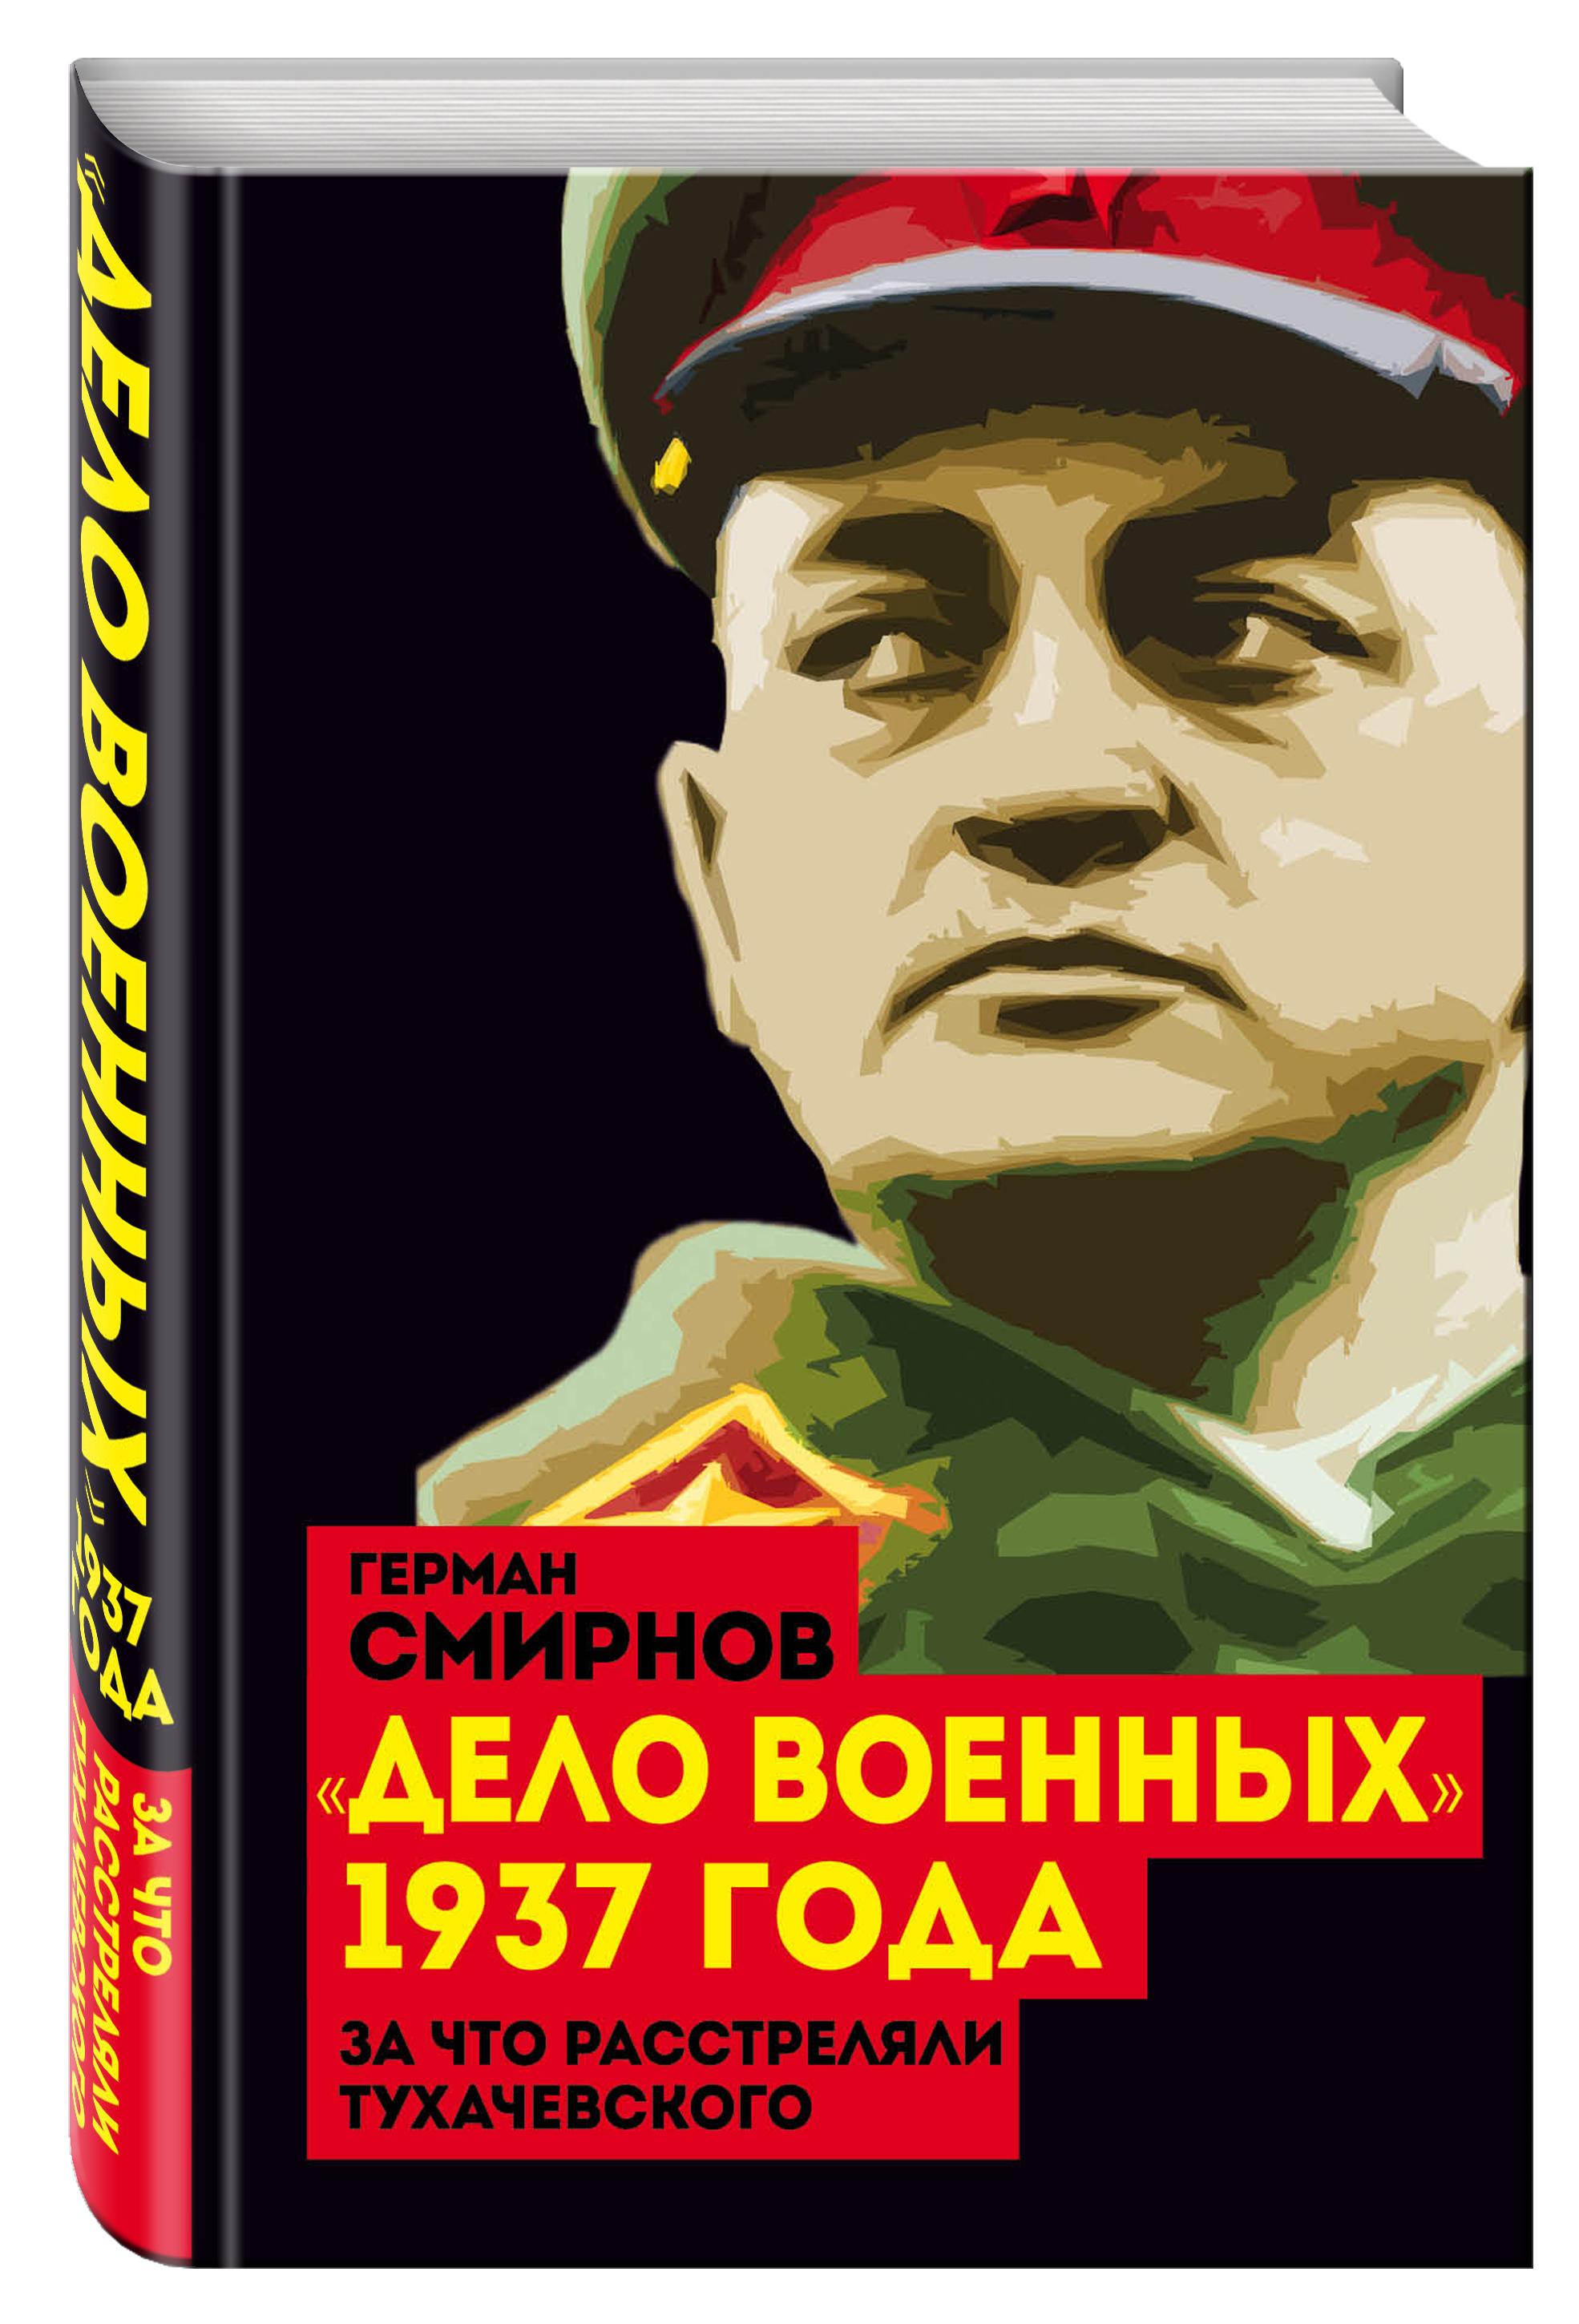 Смирнов Г.В. Дело военных 1937 года. За что расстреляли Тухачевского 1937 год был ли заговор военных